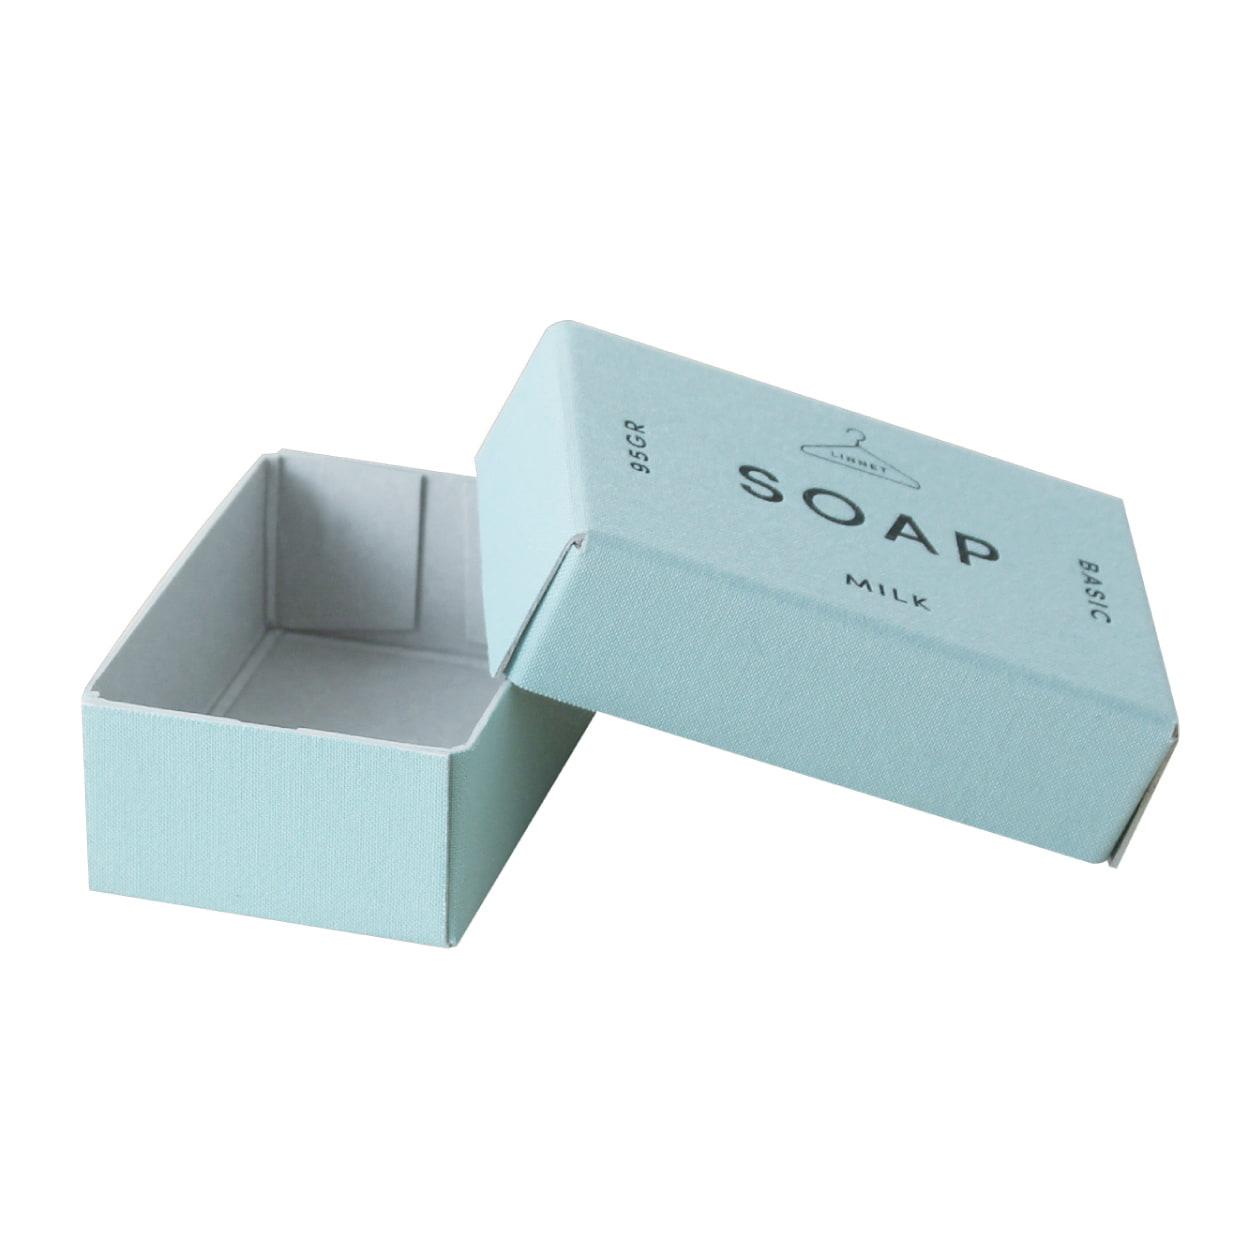 サンプル 箱(糊どめ箱) 00049